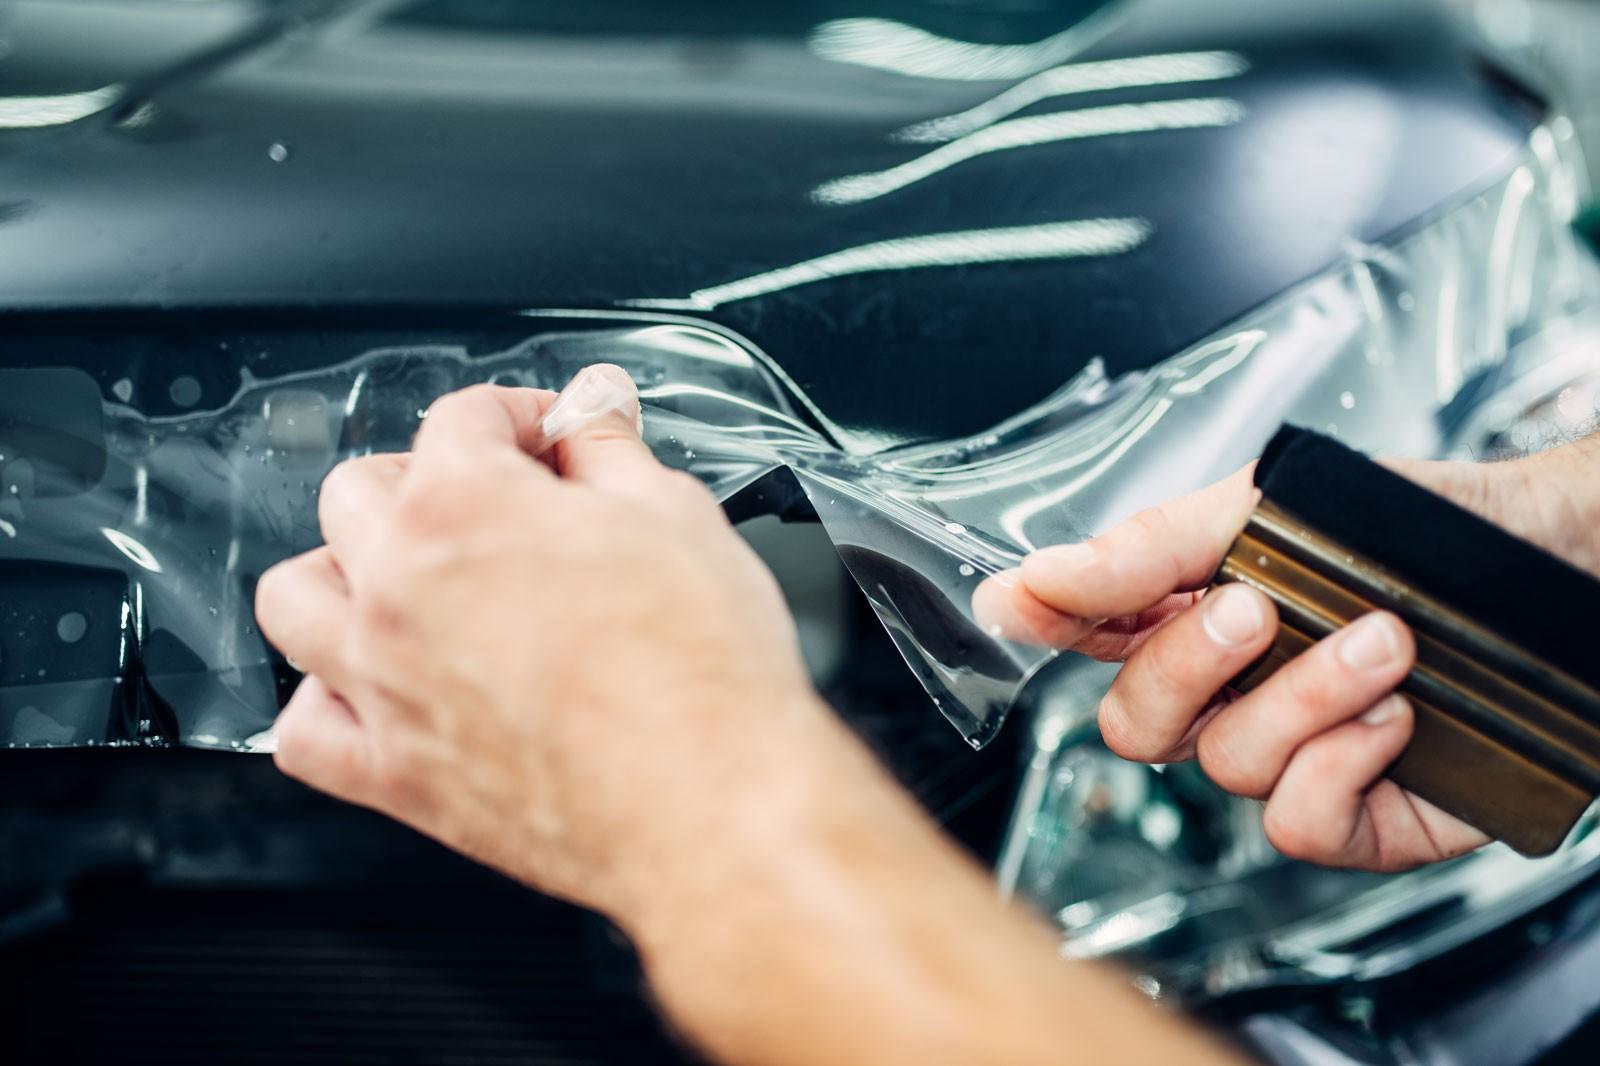 Защита кузова автомобиля полиуретановой пленкой – как и для чего это делают?